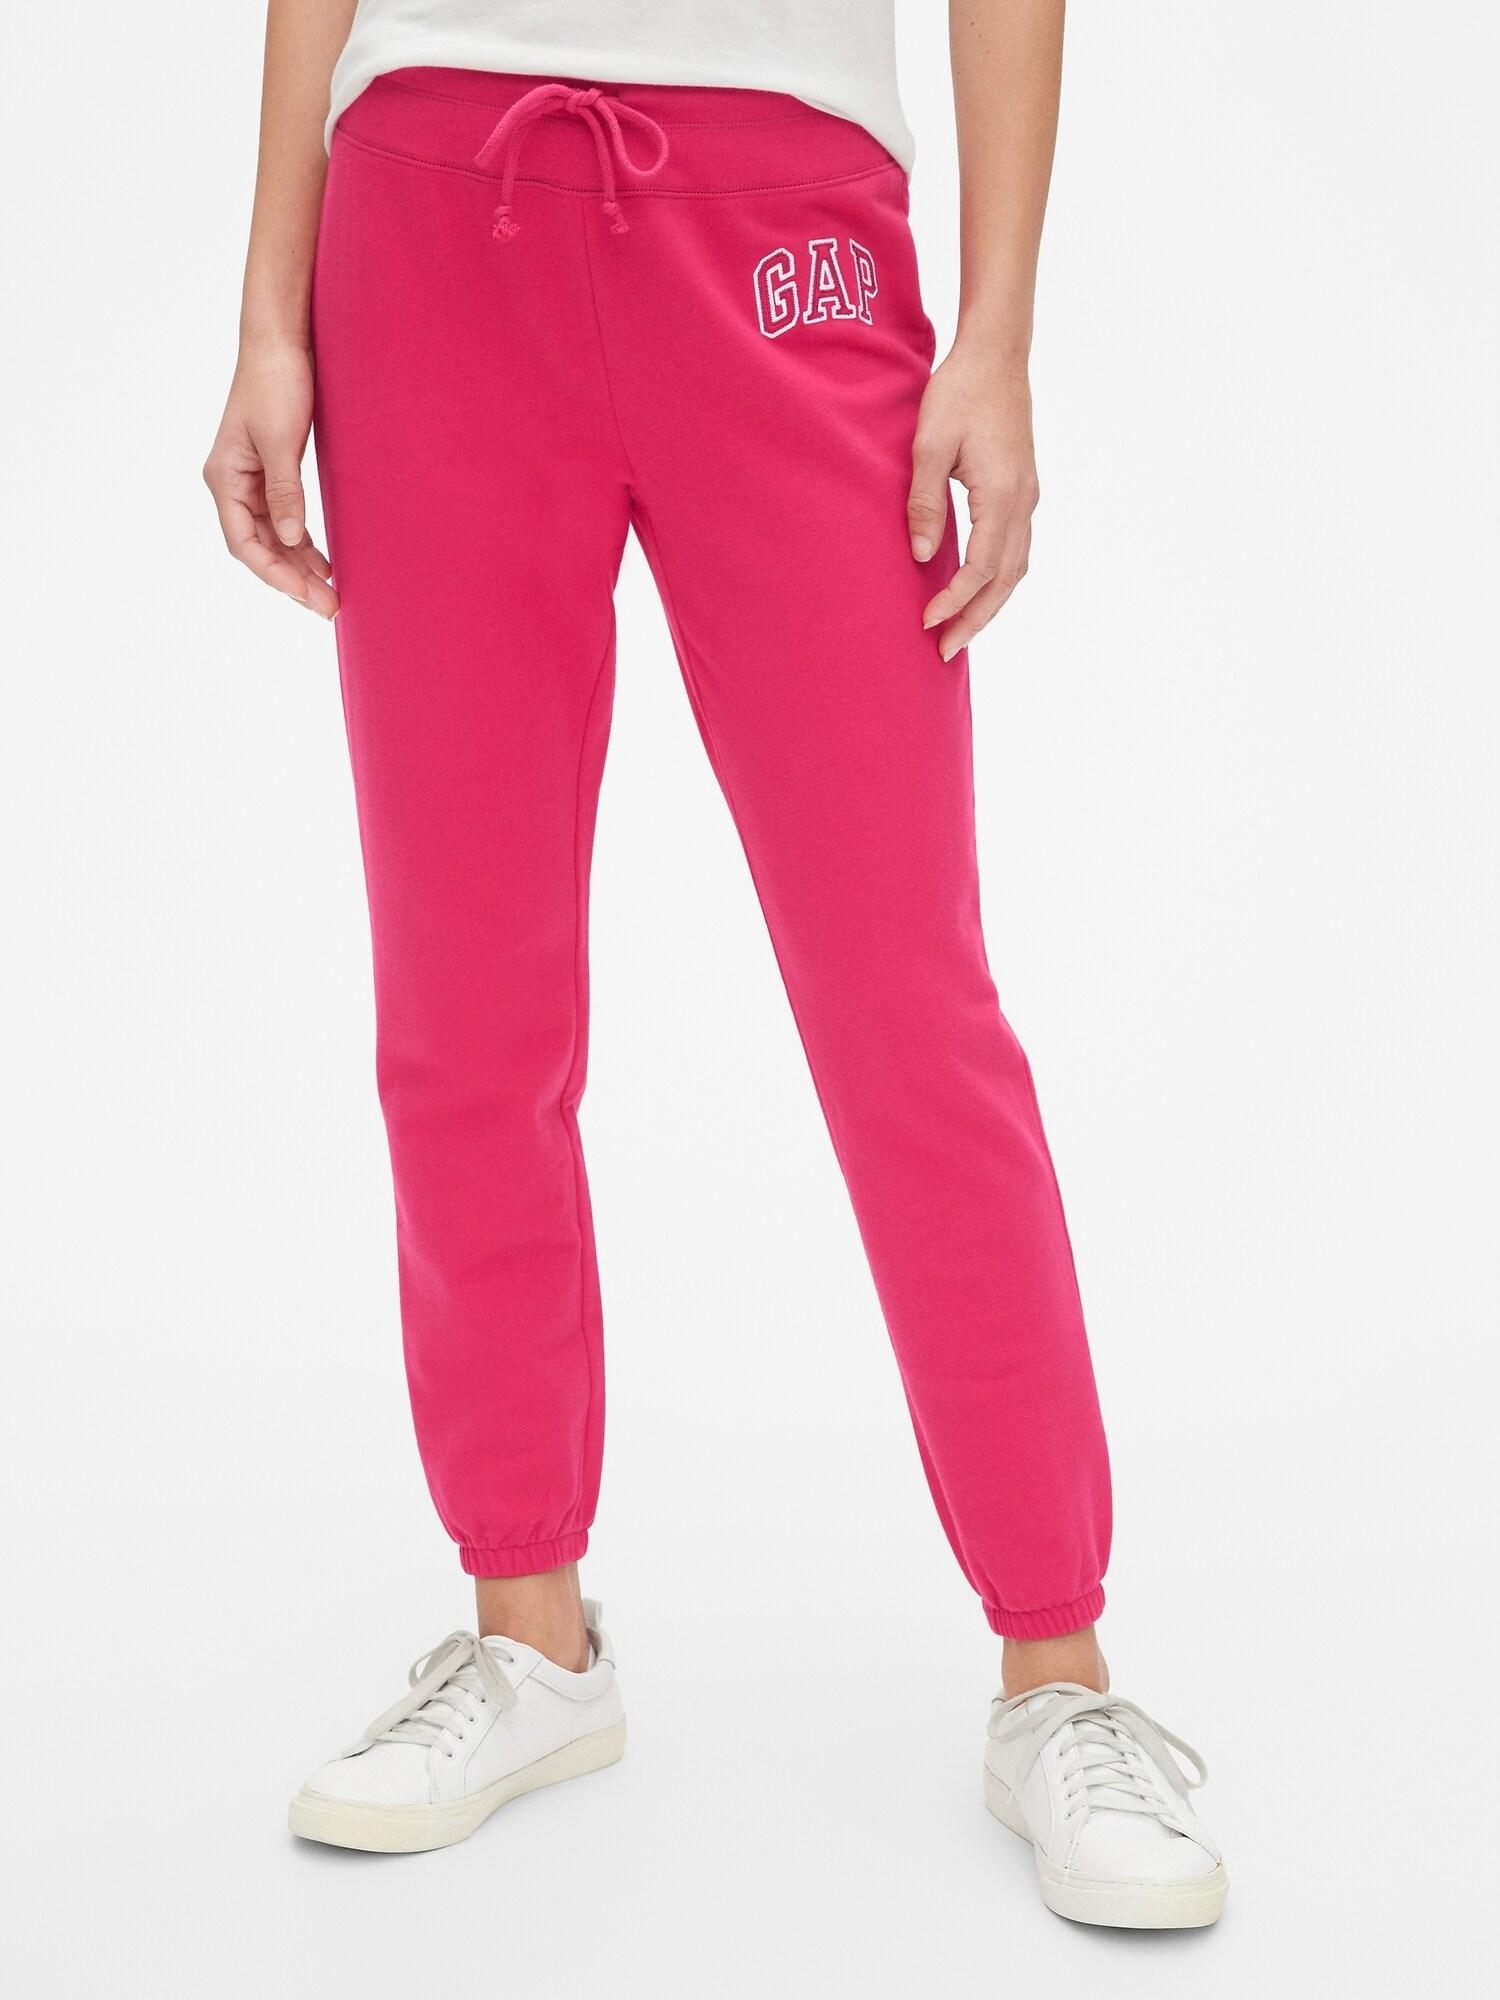 GAP ružové dámske tepláky s logom - XXL